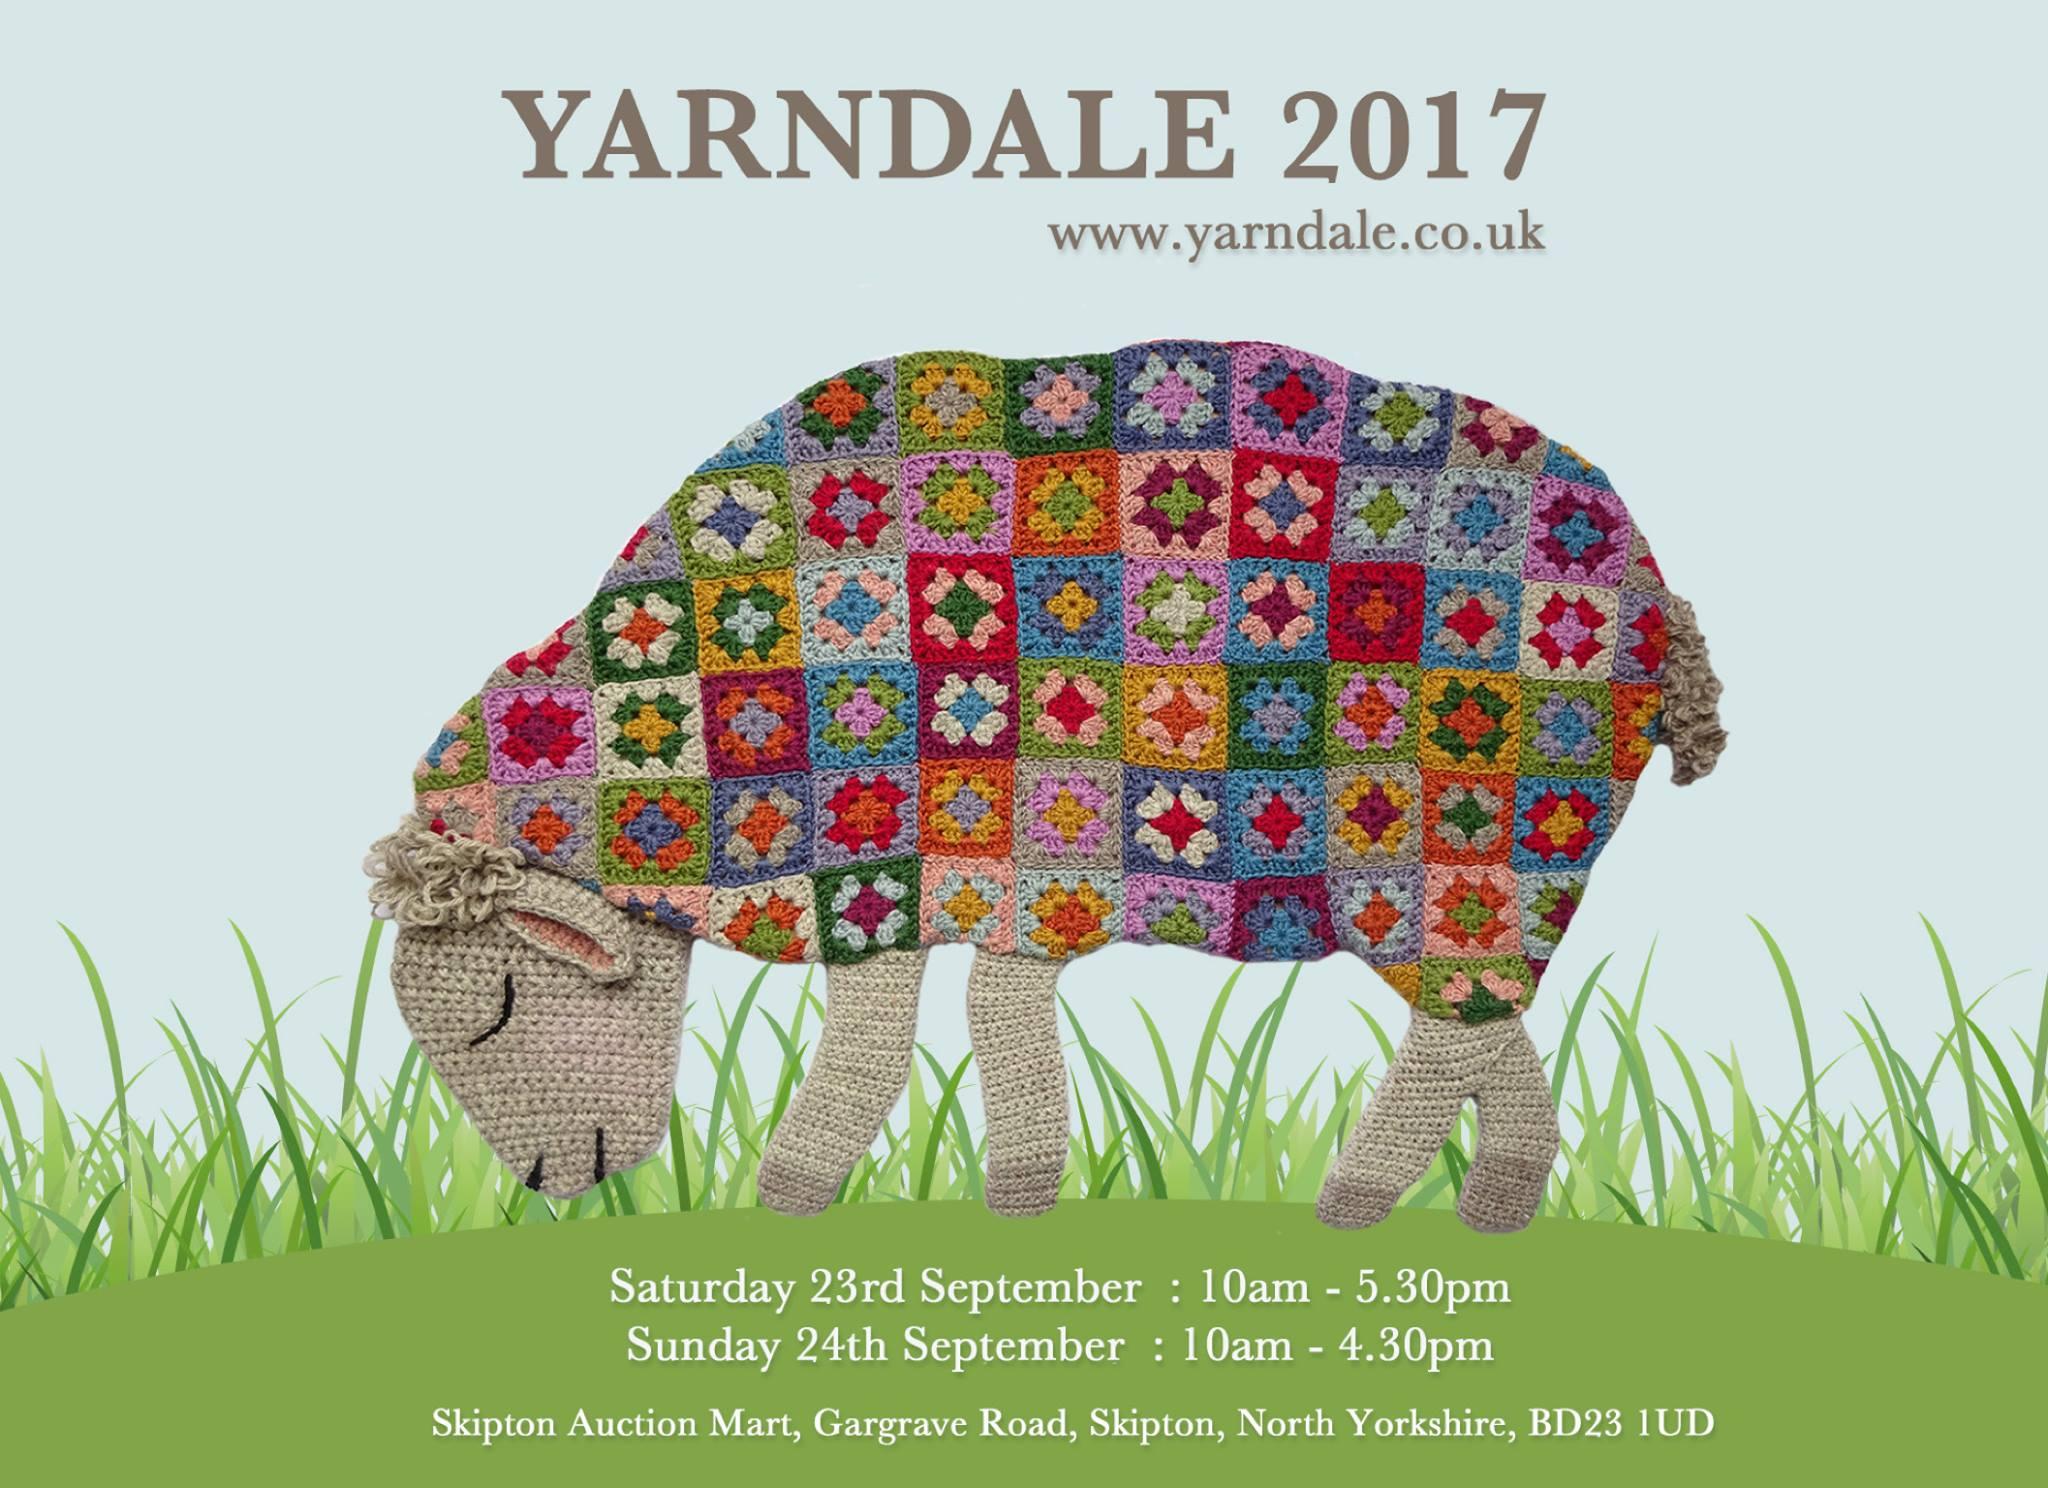 yarndale.jpg